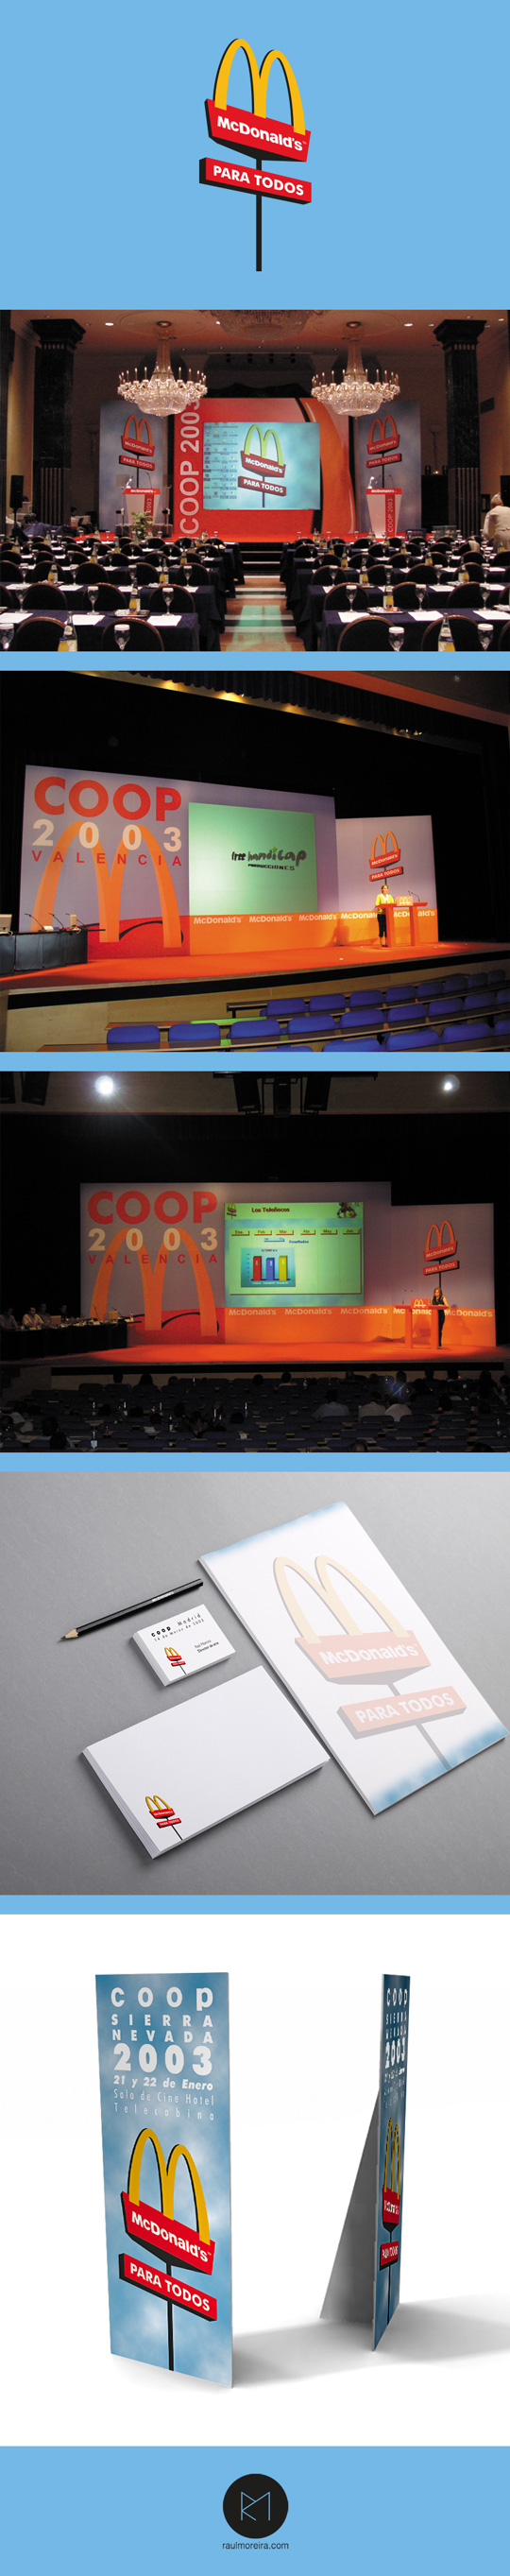 McDonalds Coop - convención